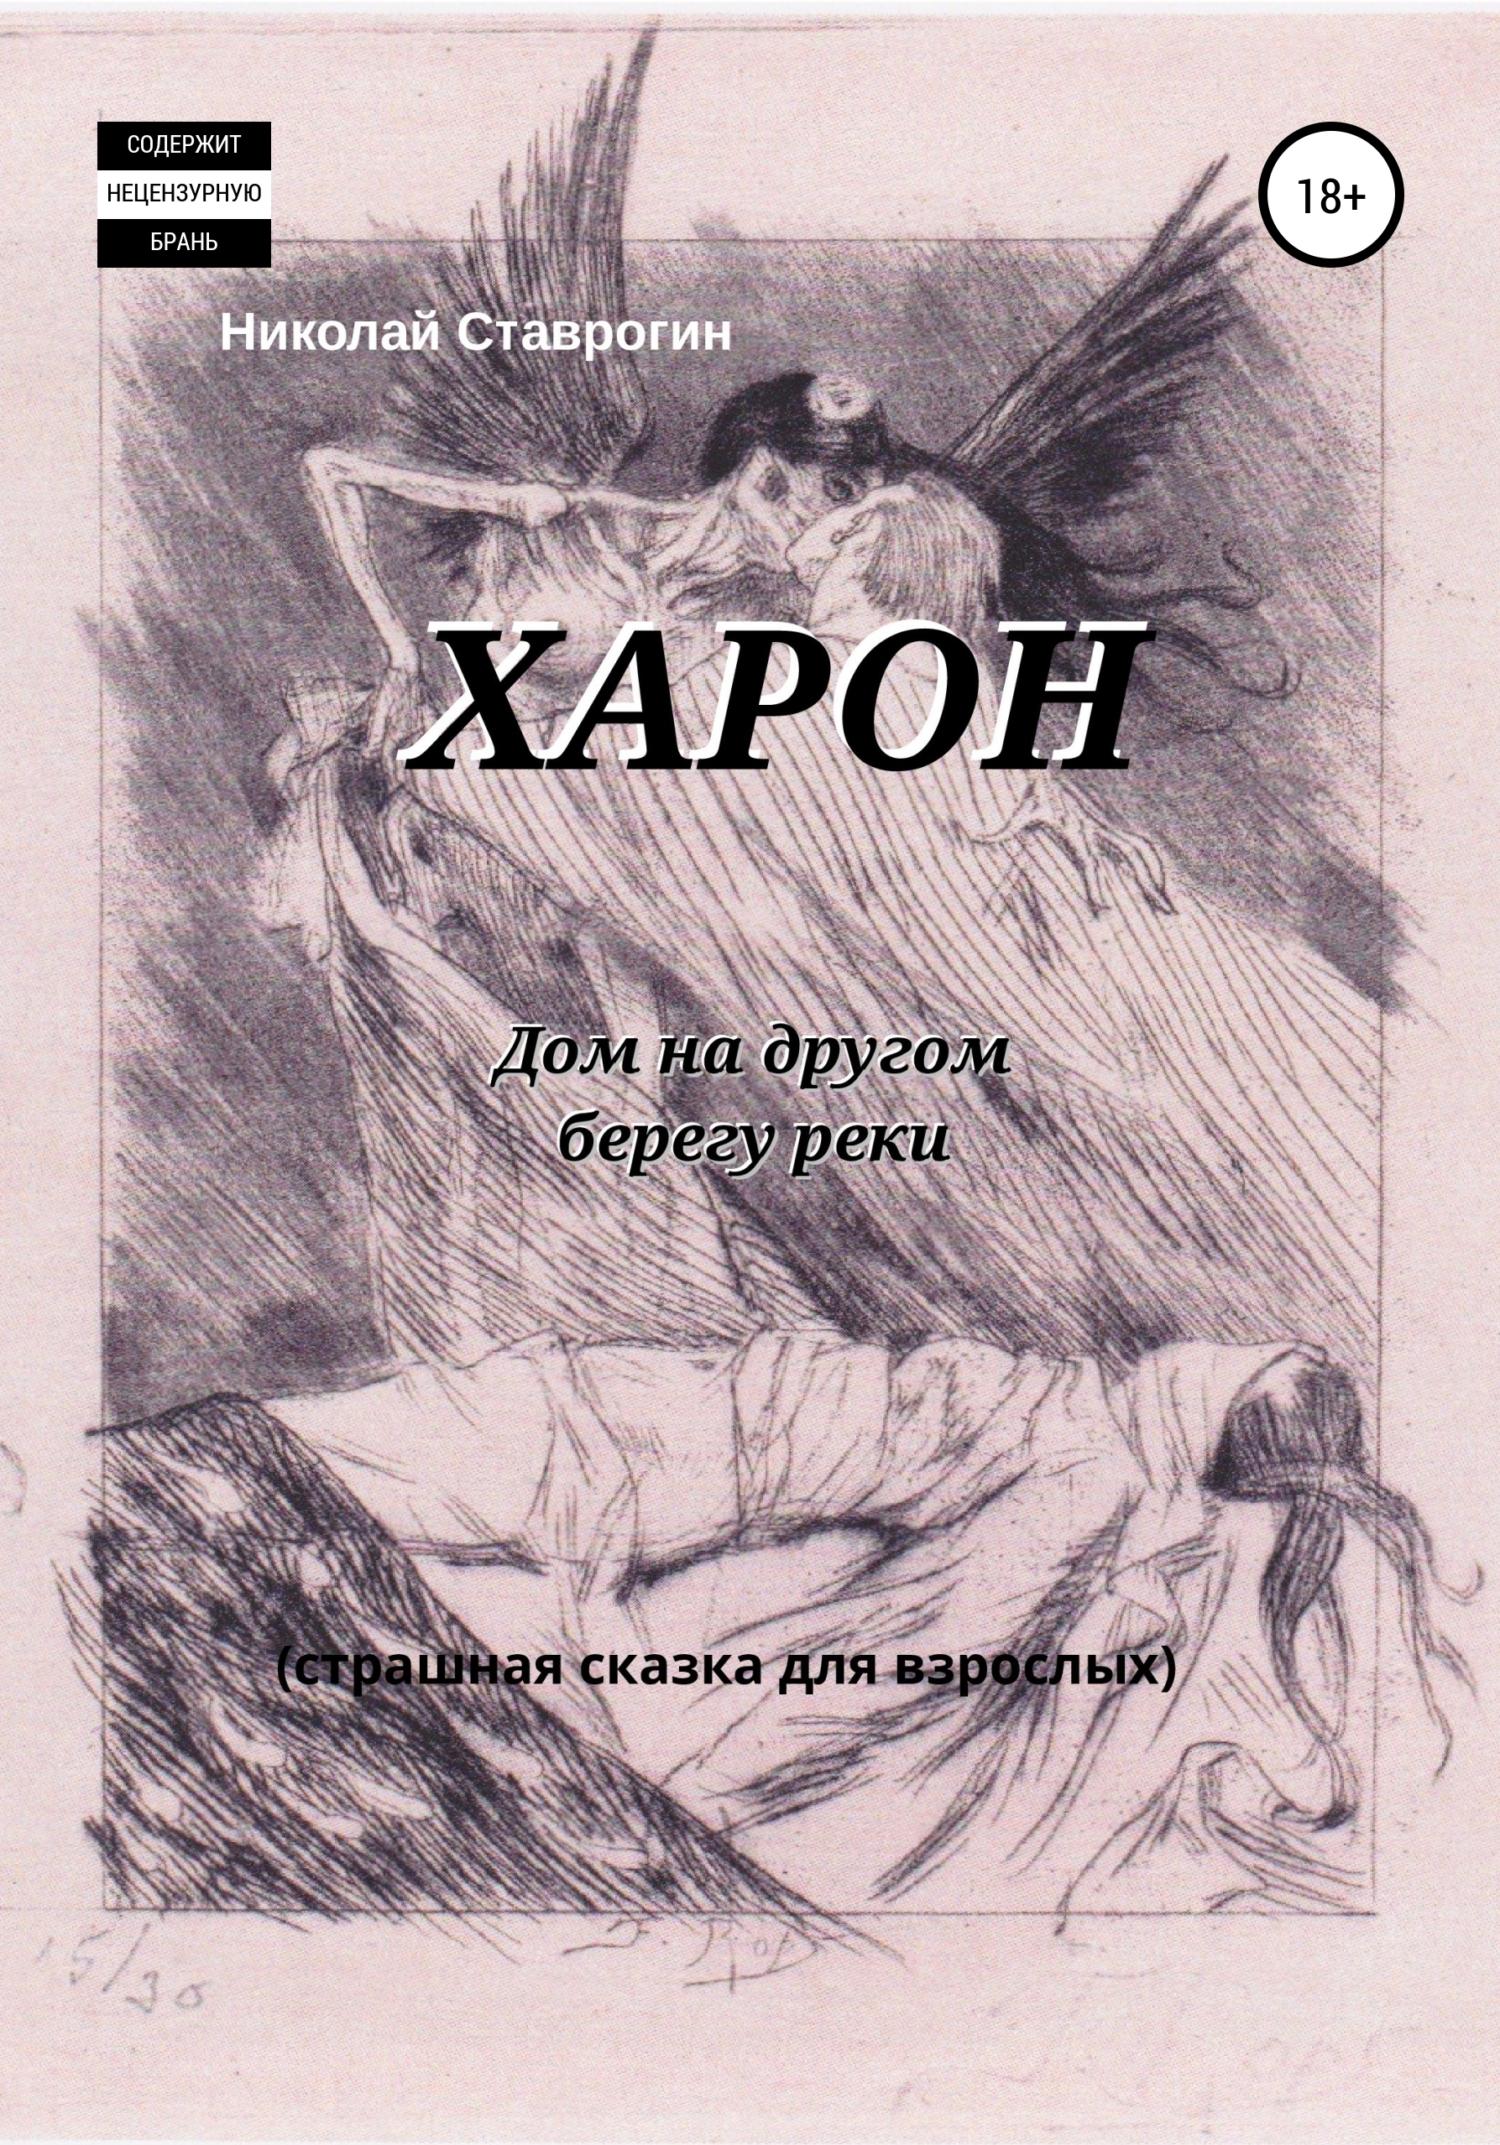 Купить книгу Харон. Дом на другом берегу реки. Страшная сказка для взрослых, автора Николая Ставрогина